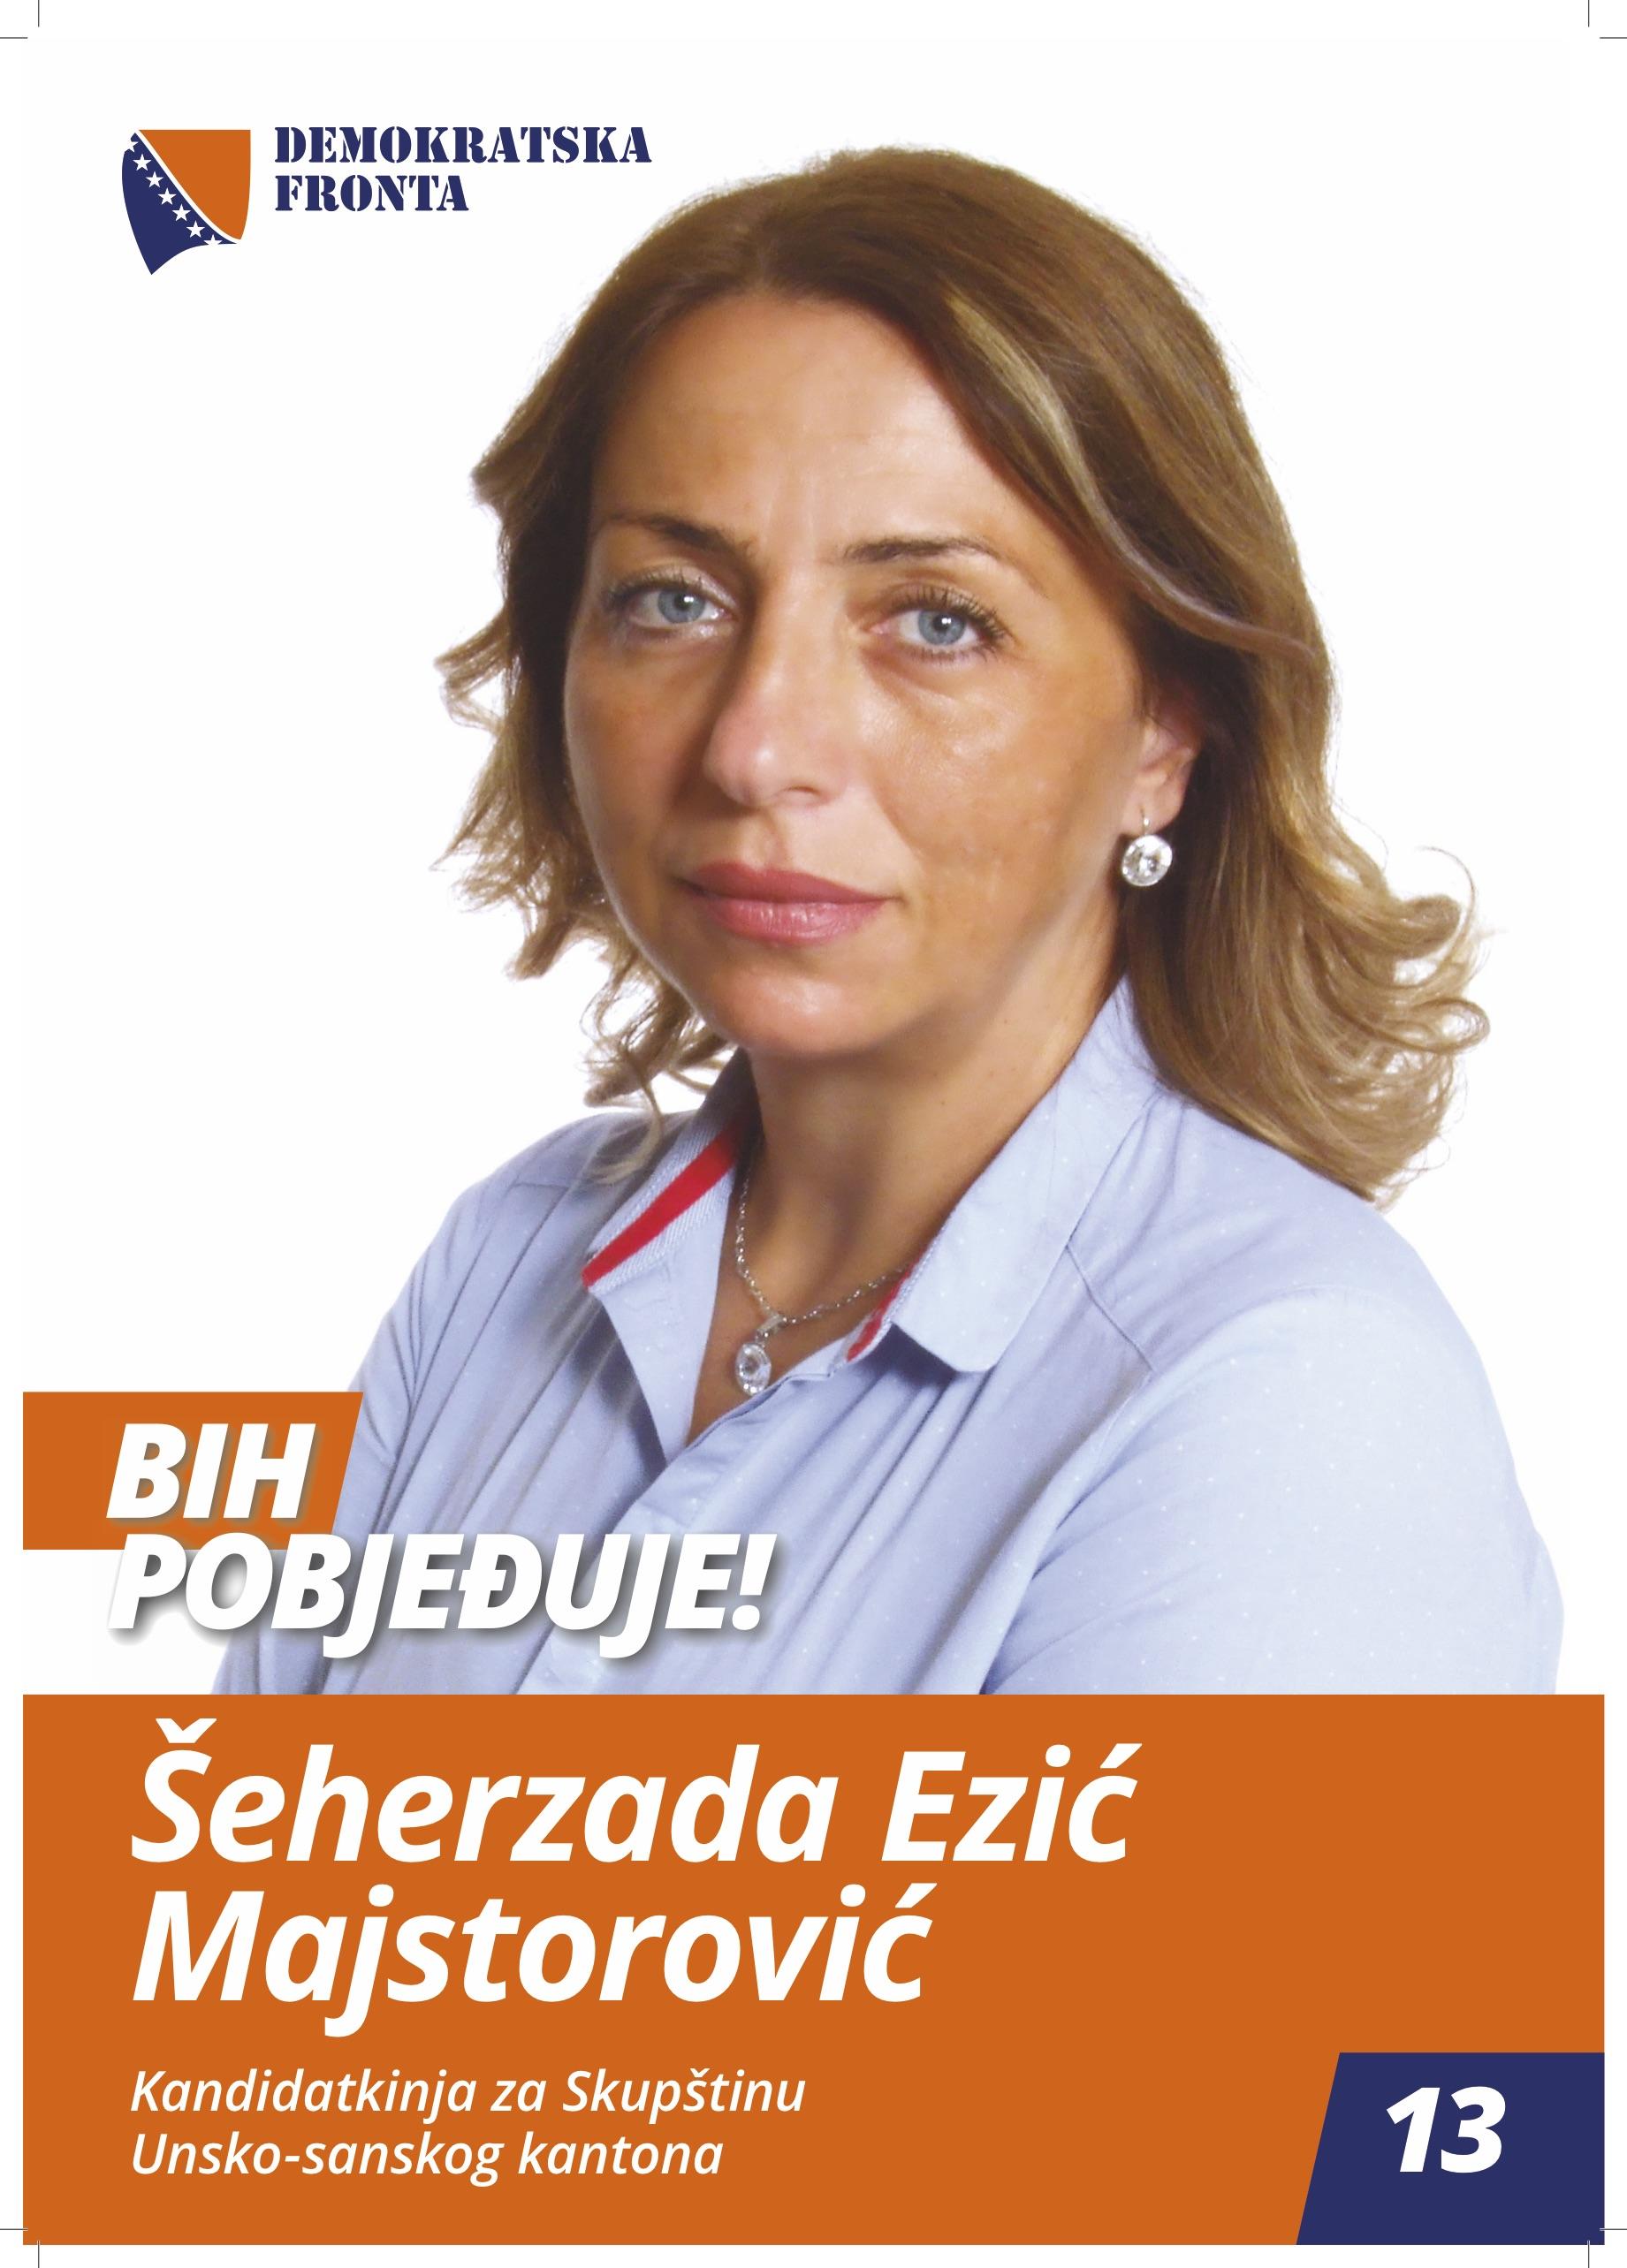 Šeherzada Ezić Majstorović, doktor medicine, specijalista